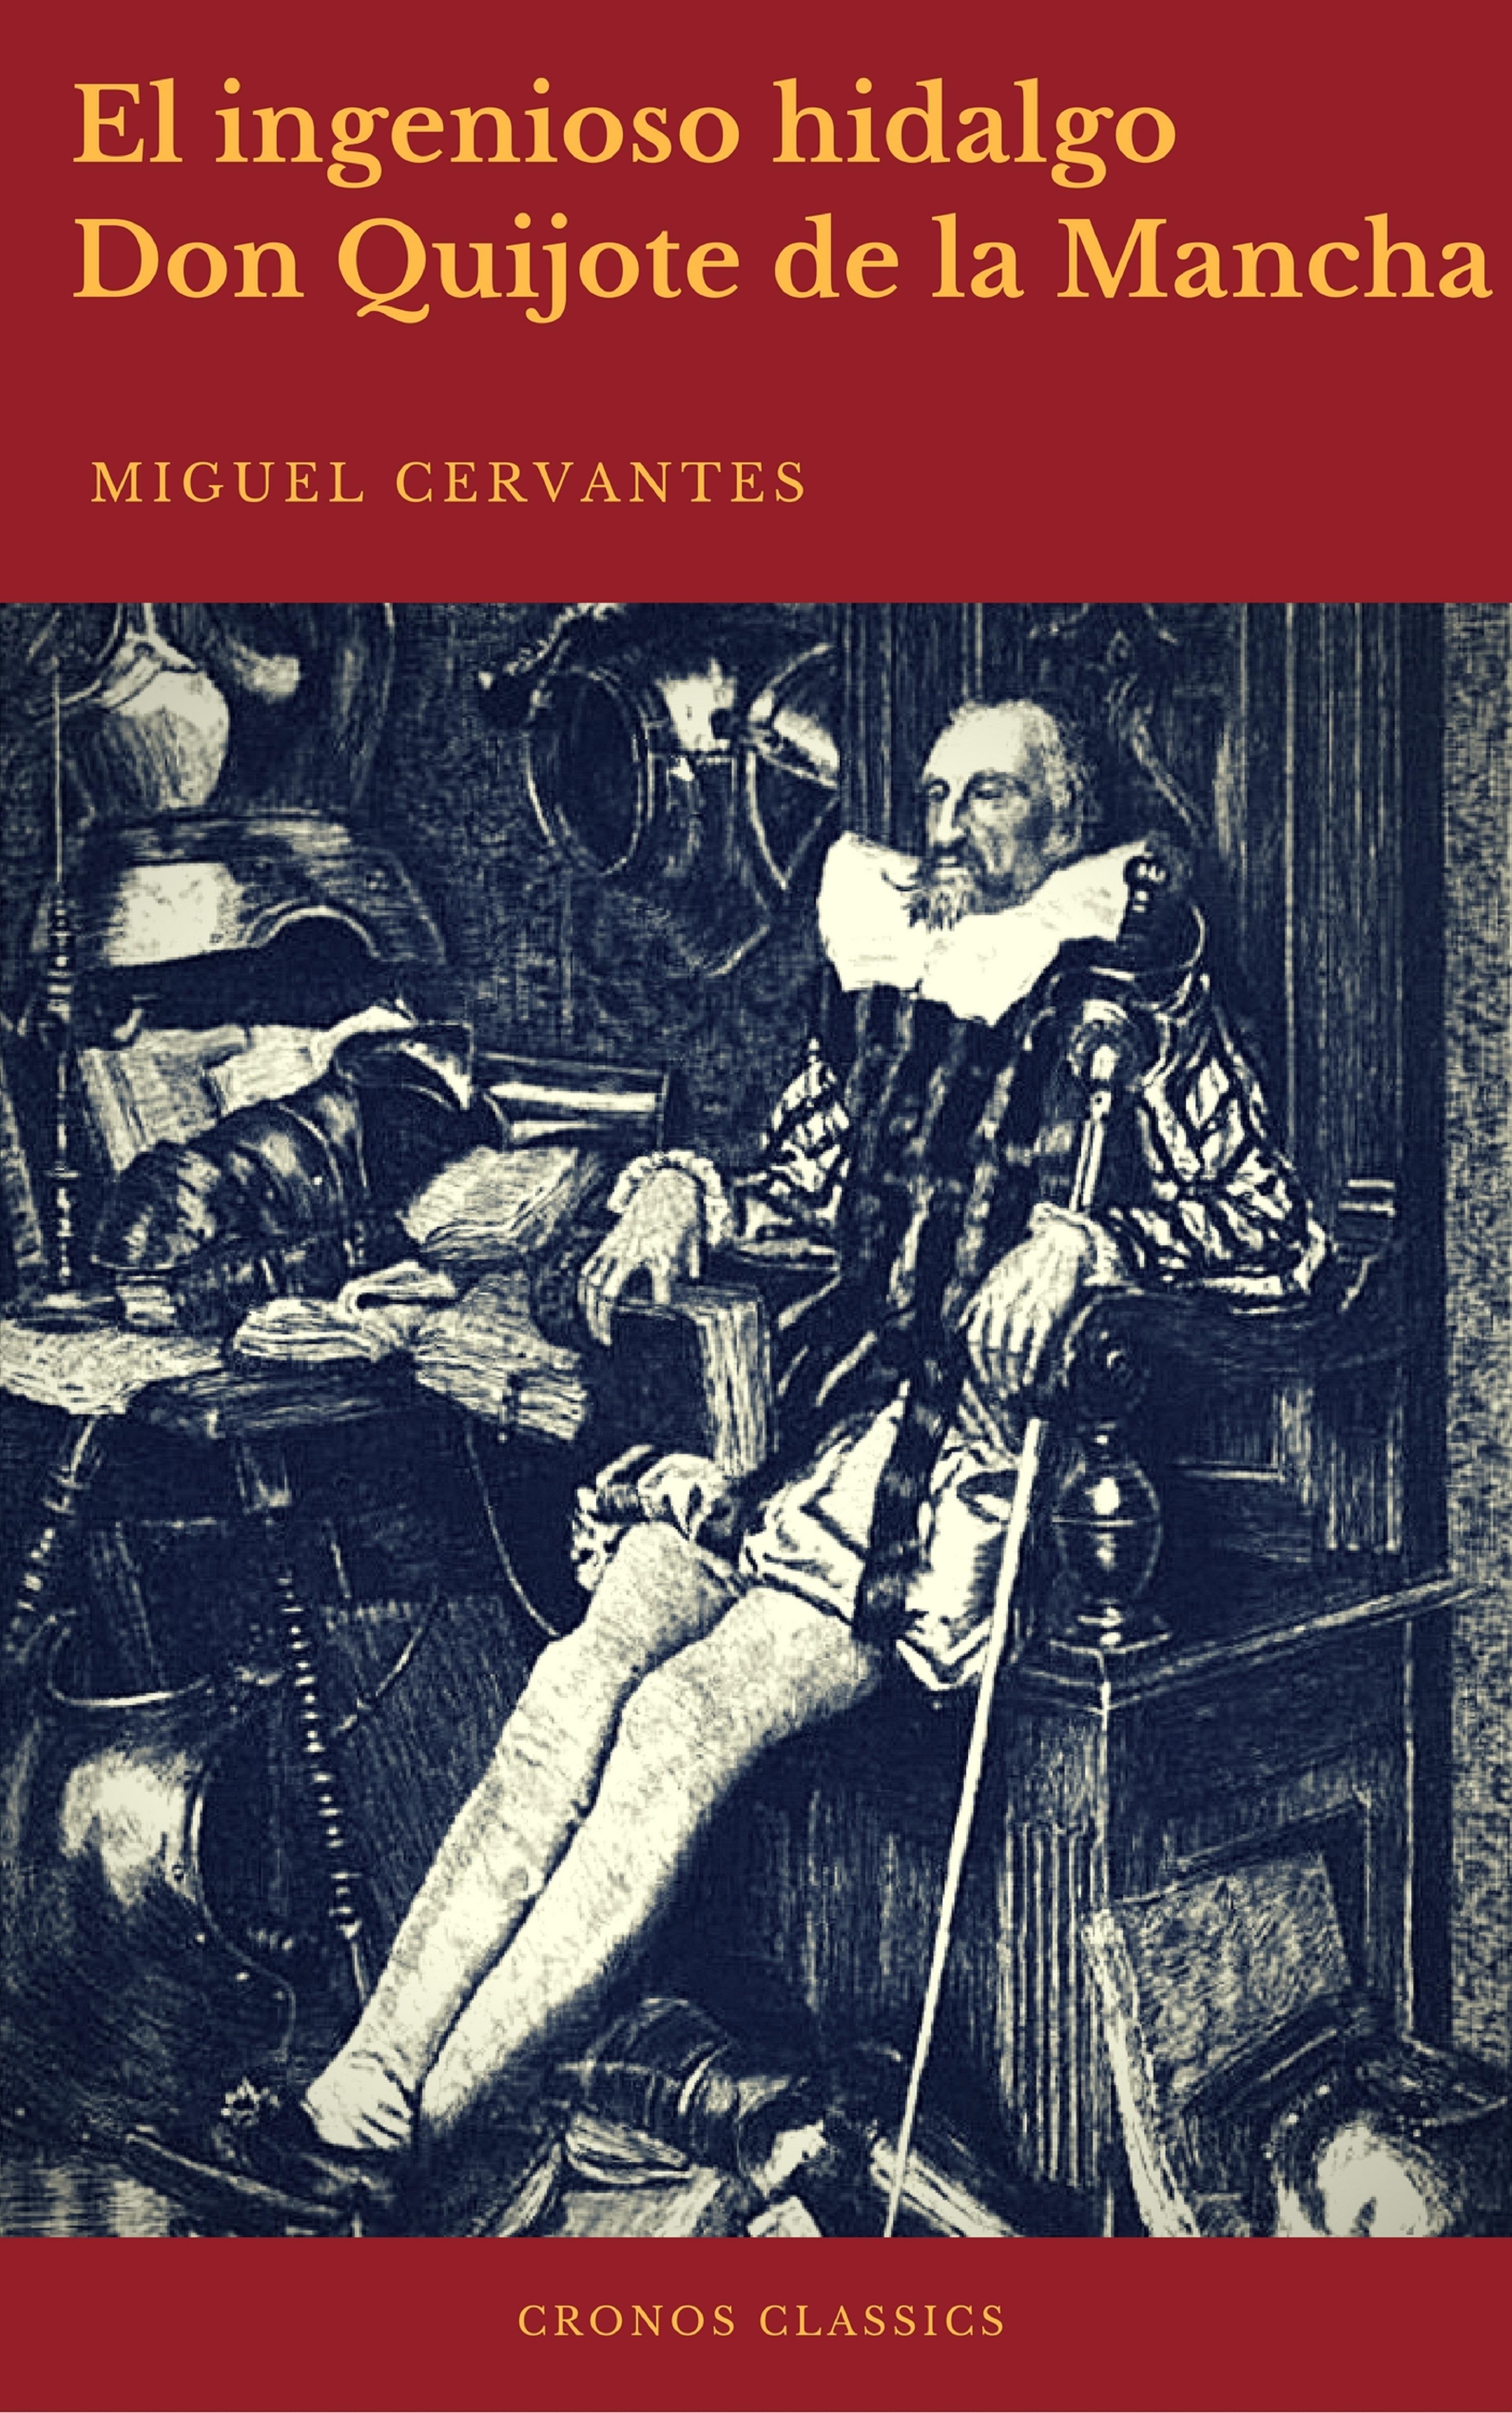 Cronos Classics El ingenioso hidalgo Don Quijote de la Mancha (Cronos Classics) цена 2017